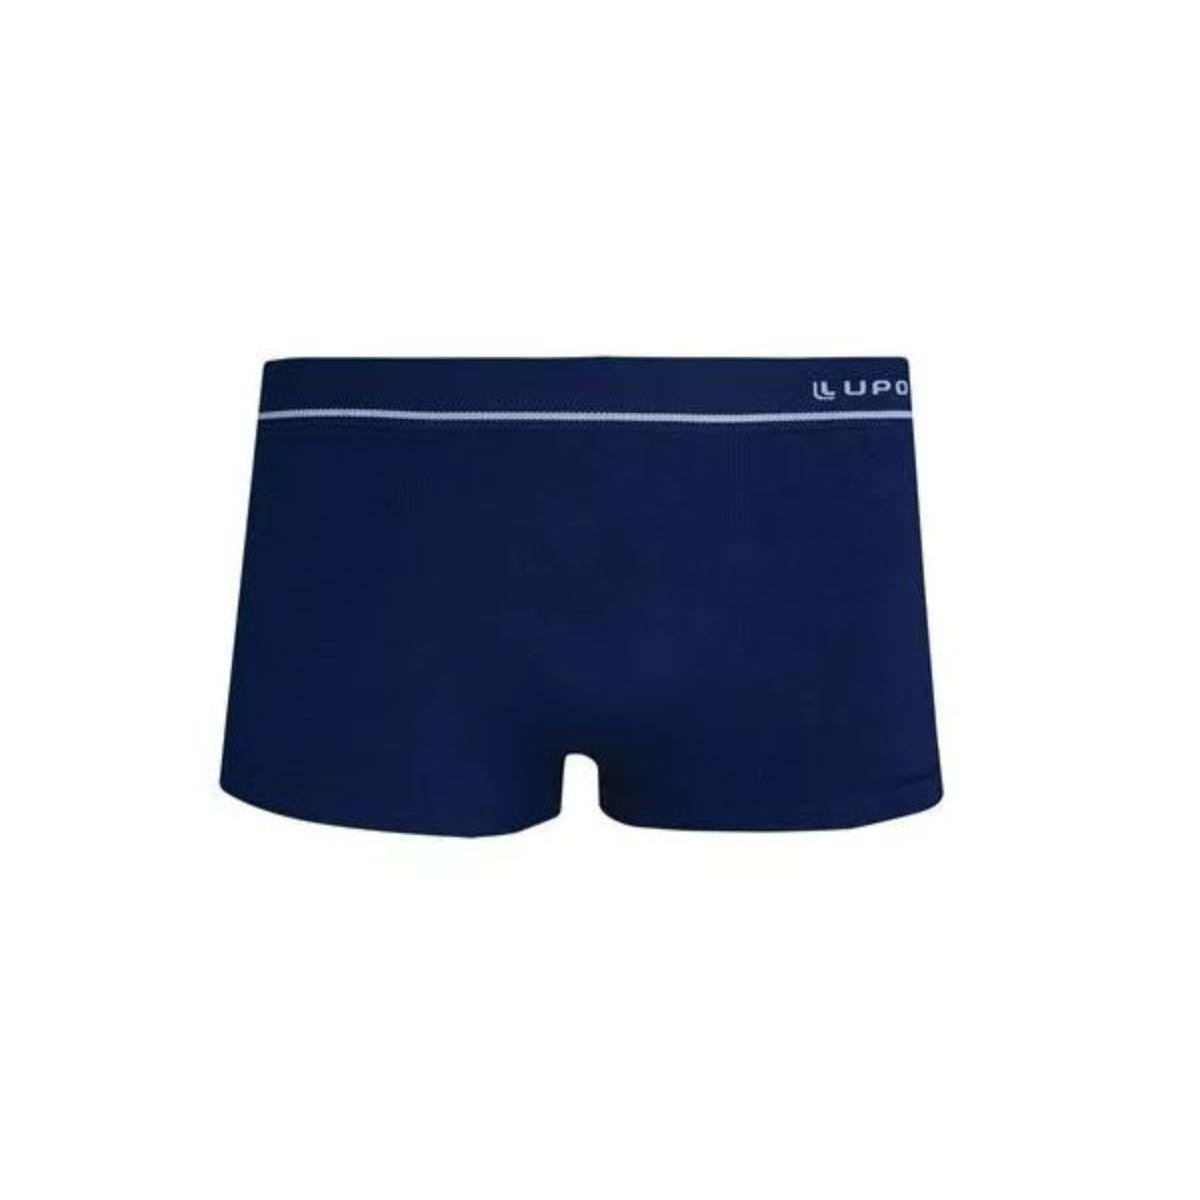 Cueca Masculina Lupo 00676-002 2800 Azul